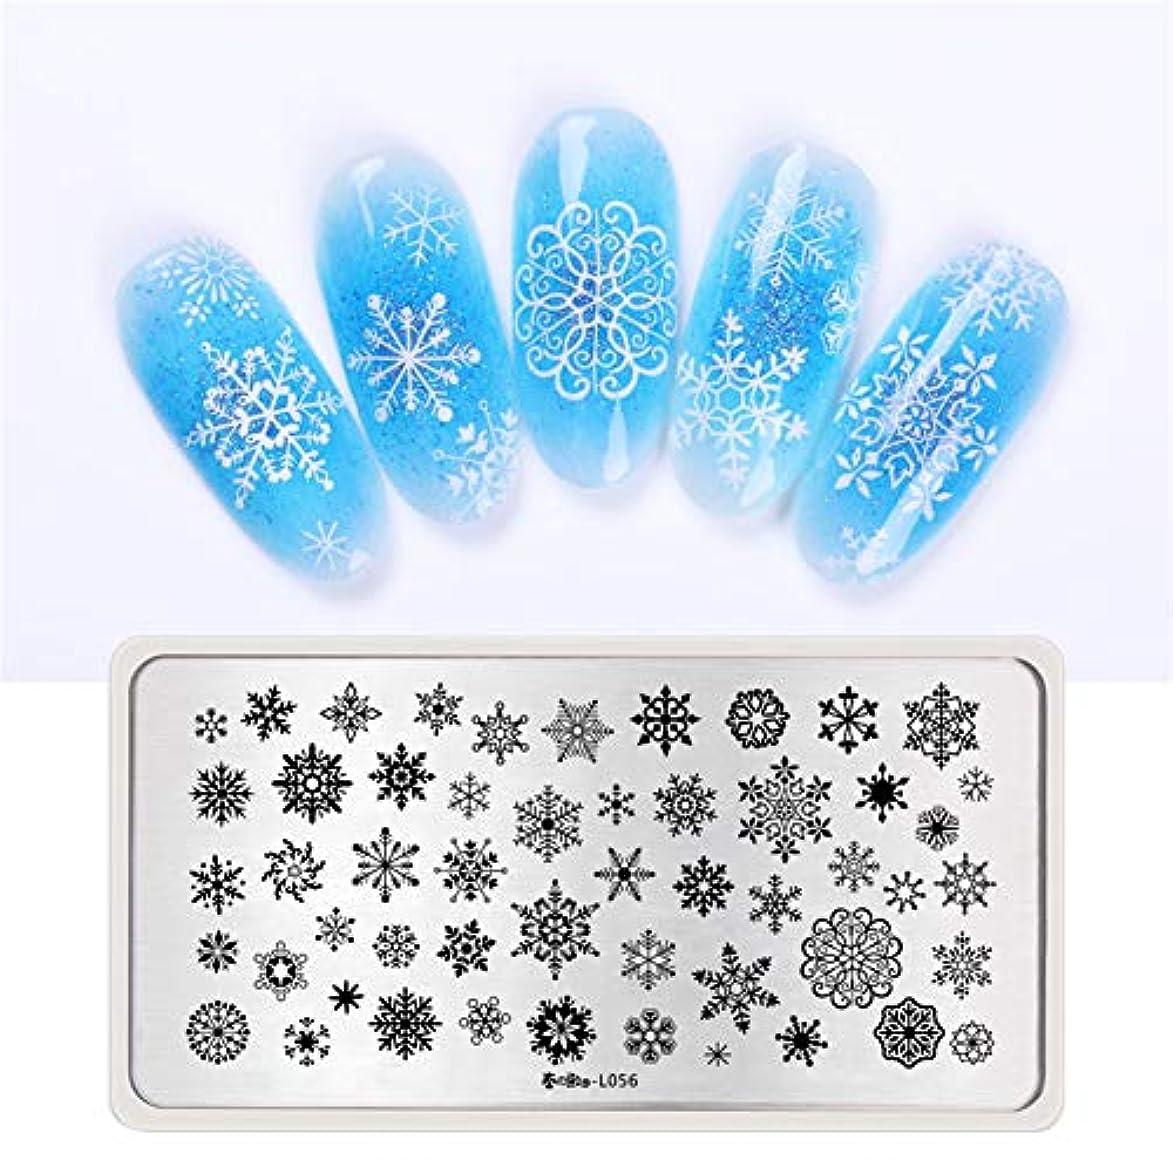 つかいます表面経済的春の歌 スタンププレート クリスマス 雪だるま 雪花 冬ネイル スタンプネイルプレートスタンピングプレートネイル用品